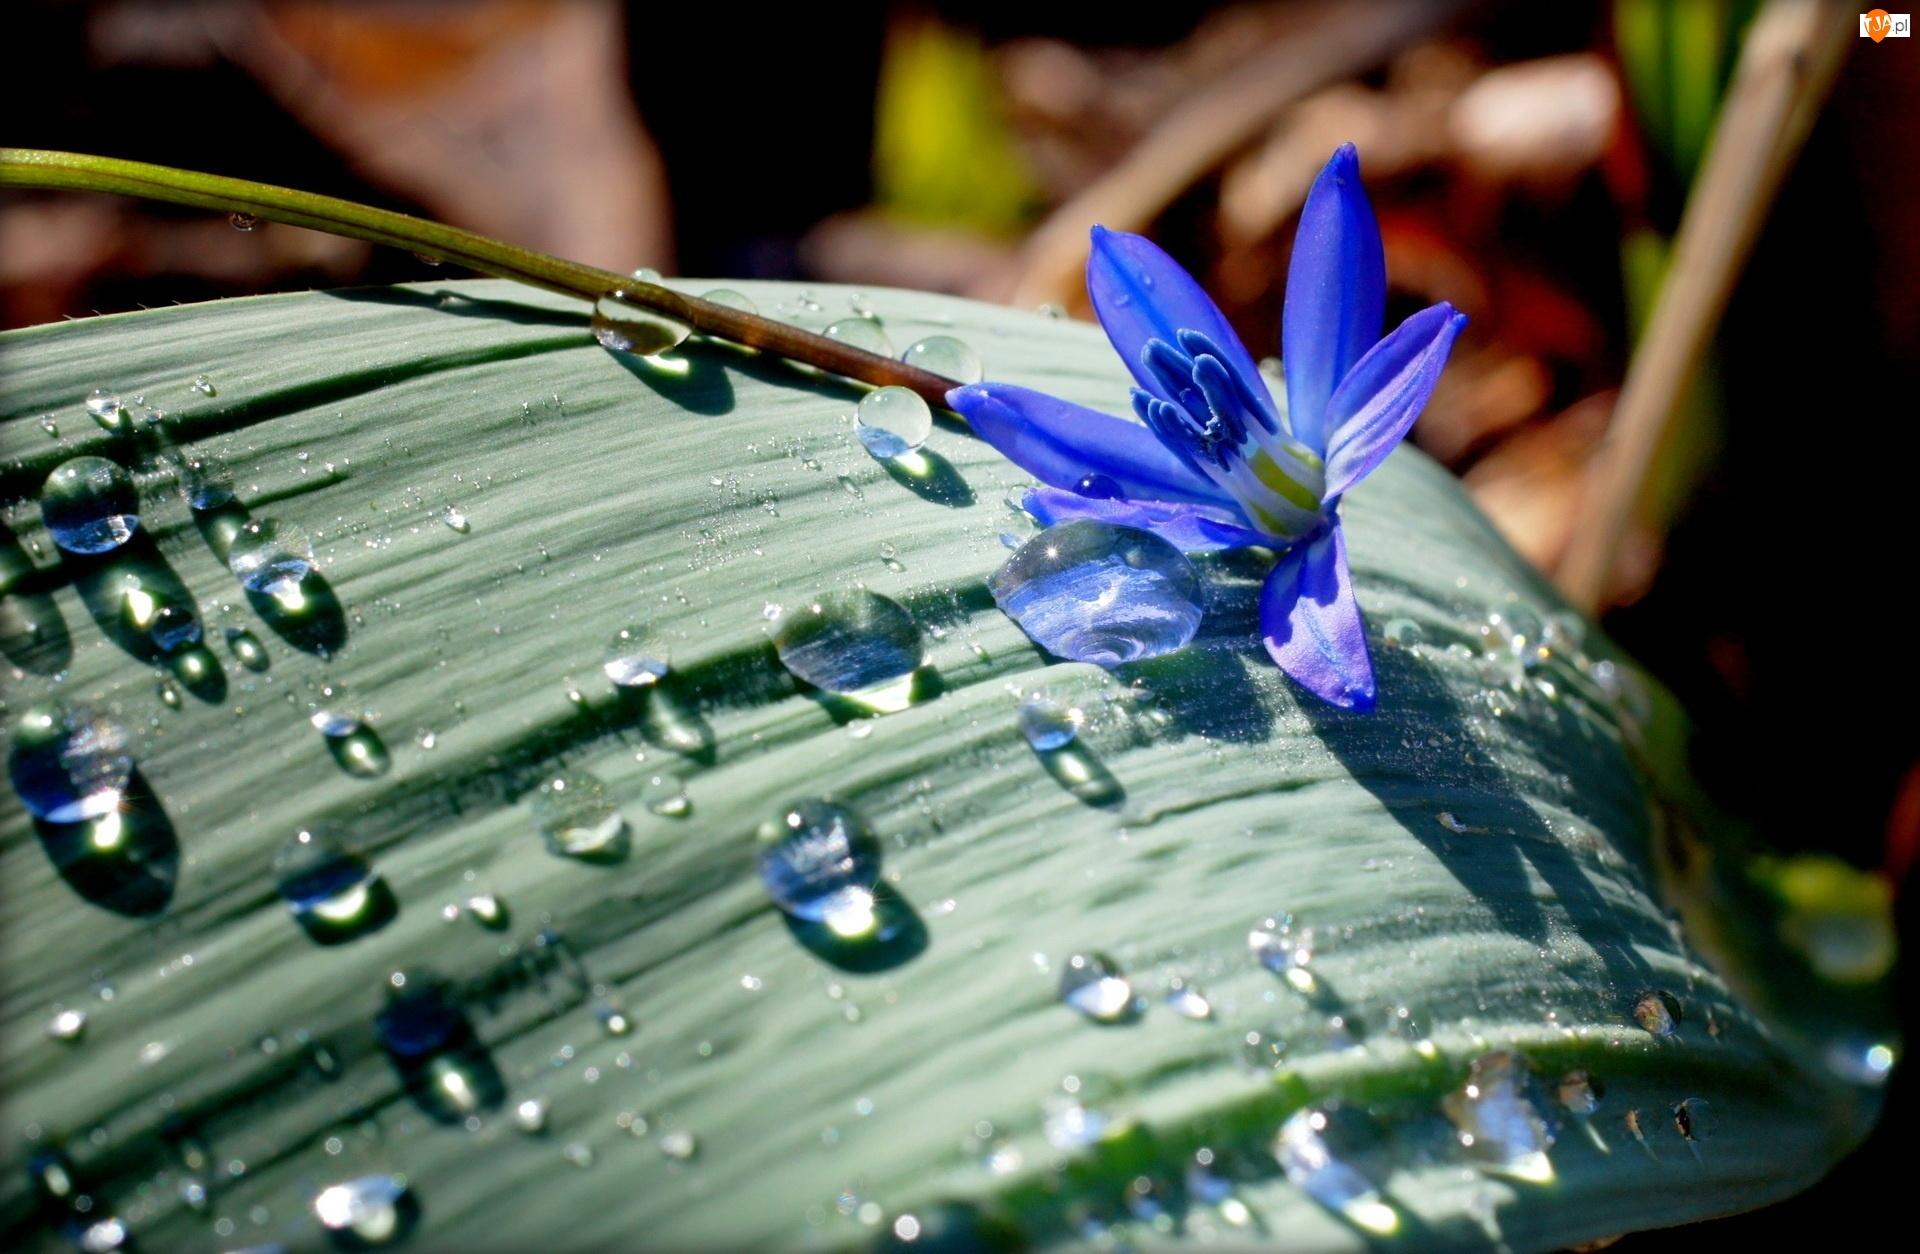 Niebieski, Liść, Cebulica, Deszcz, Kwiatek, Krople